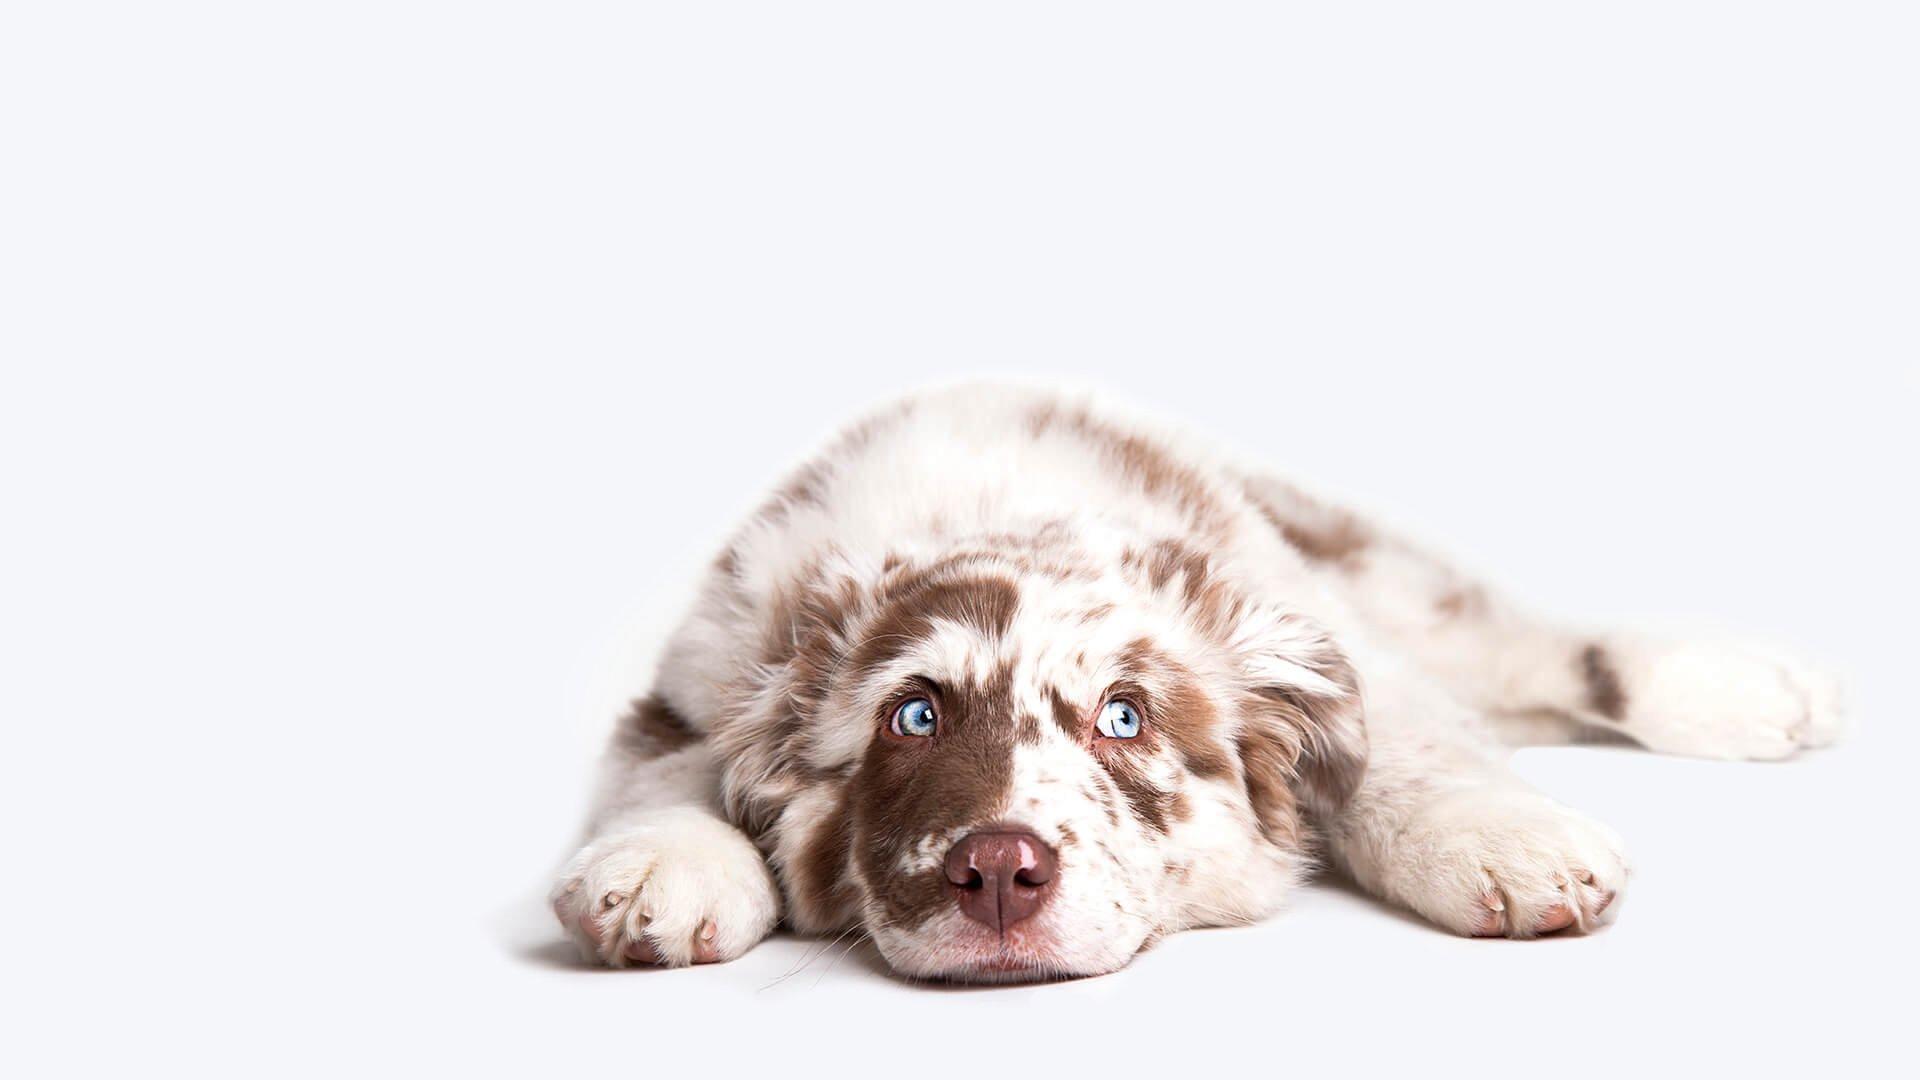 Domande Al Veterinario Cane assicurazione sanitaria cane gidass – sigma studi assicurativi